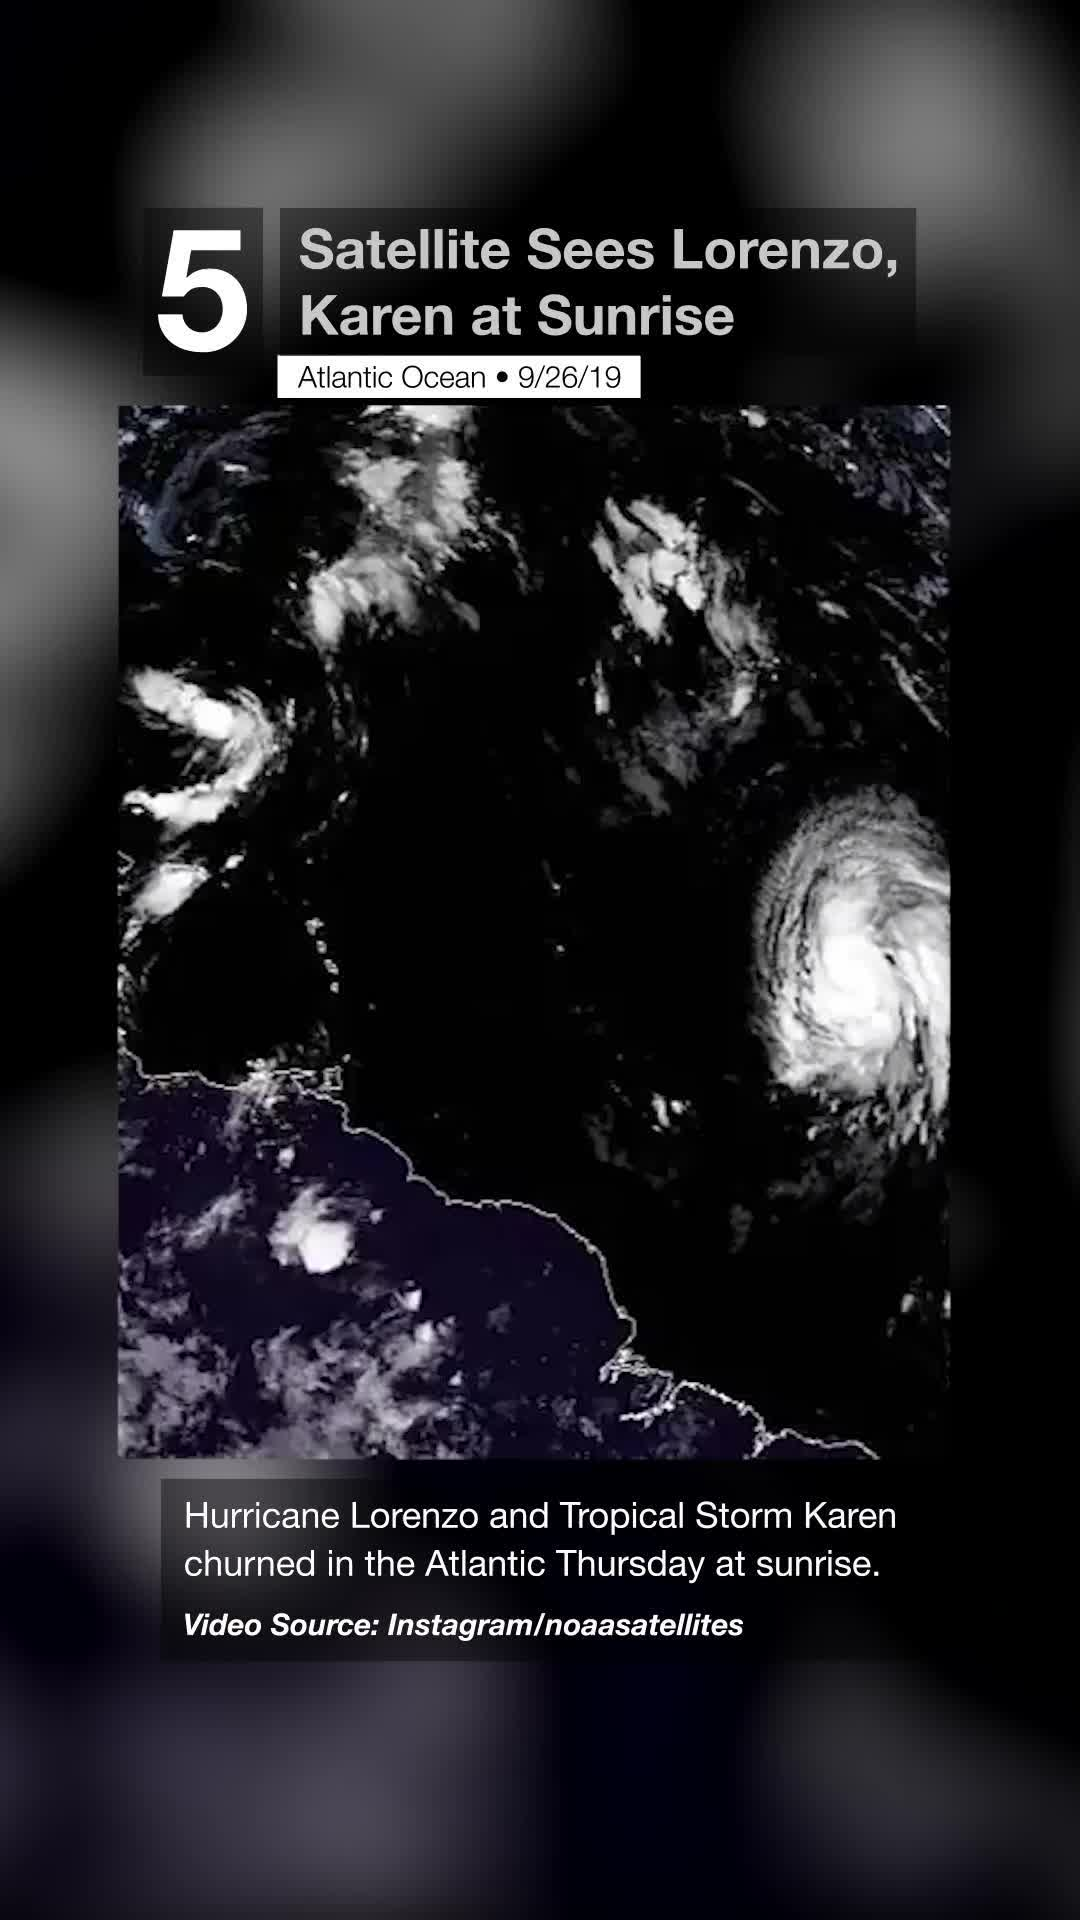 Satellite Sees Lorenzo, Karen at Sunrise